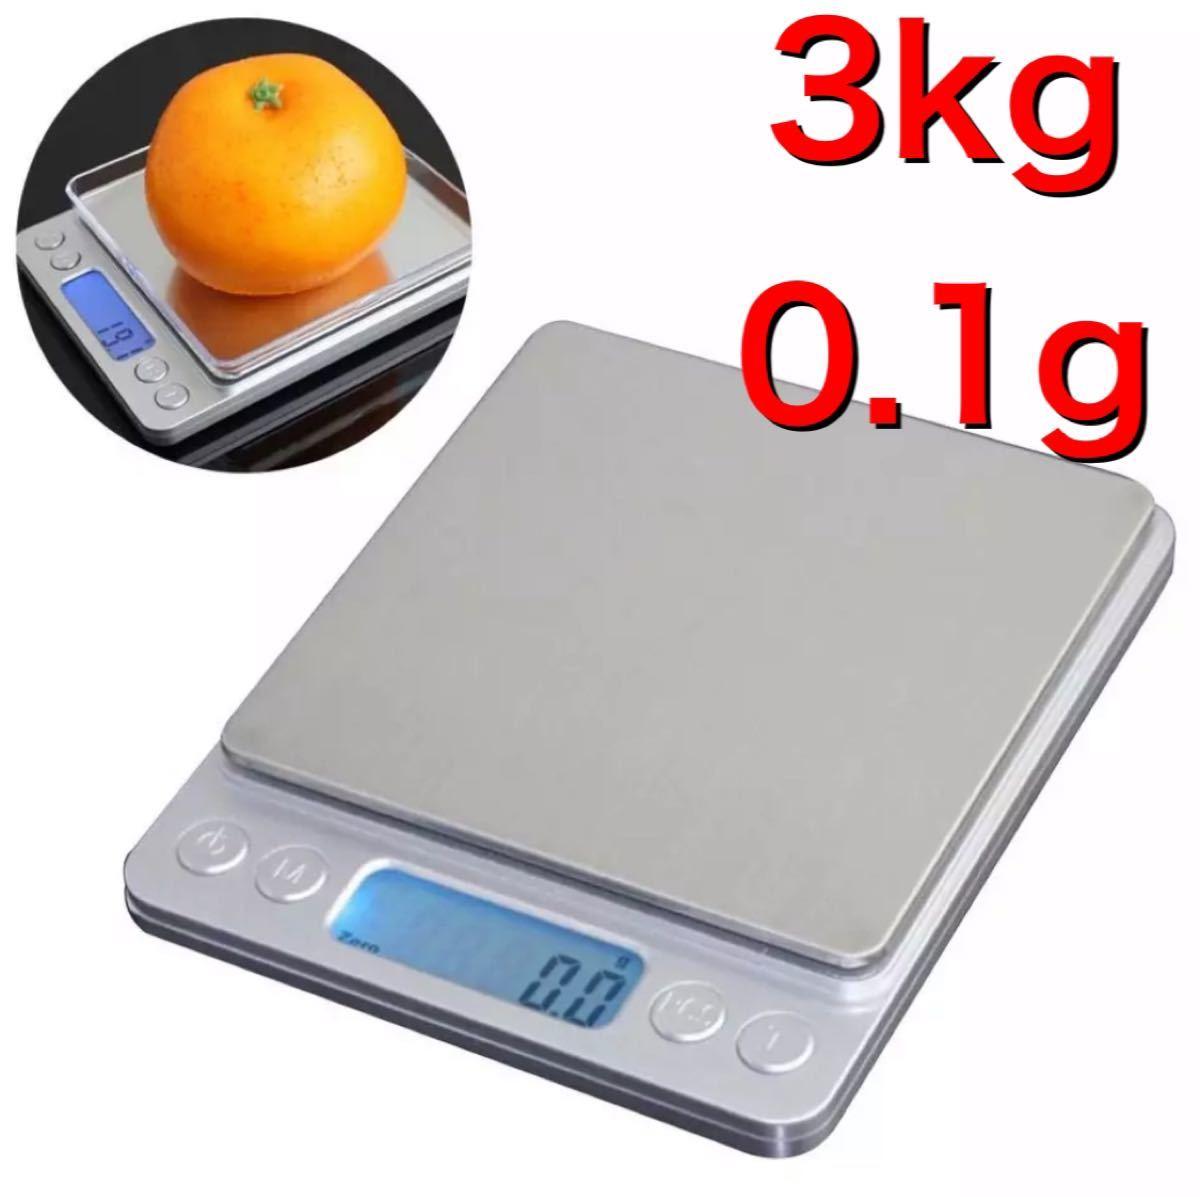 キッチンスケール 3kg はかり デジタルスケール3kg0.1g  電子秤